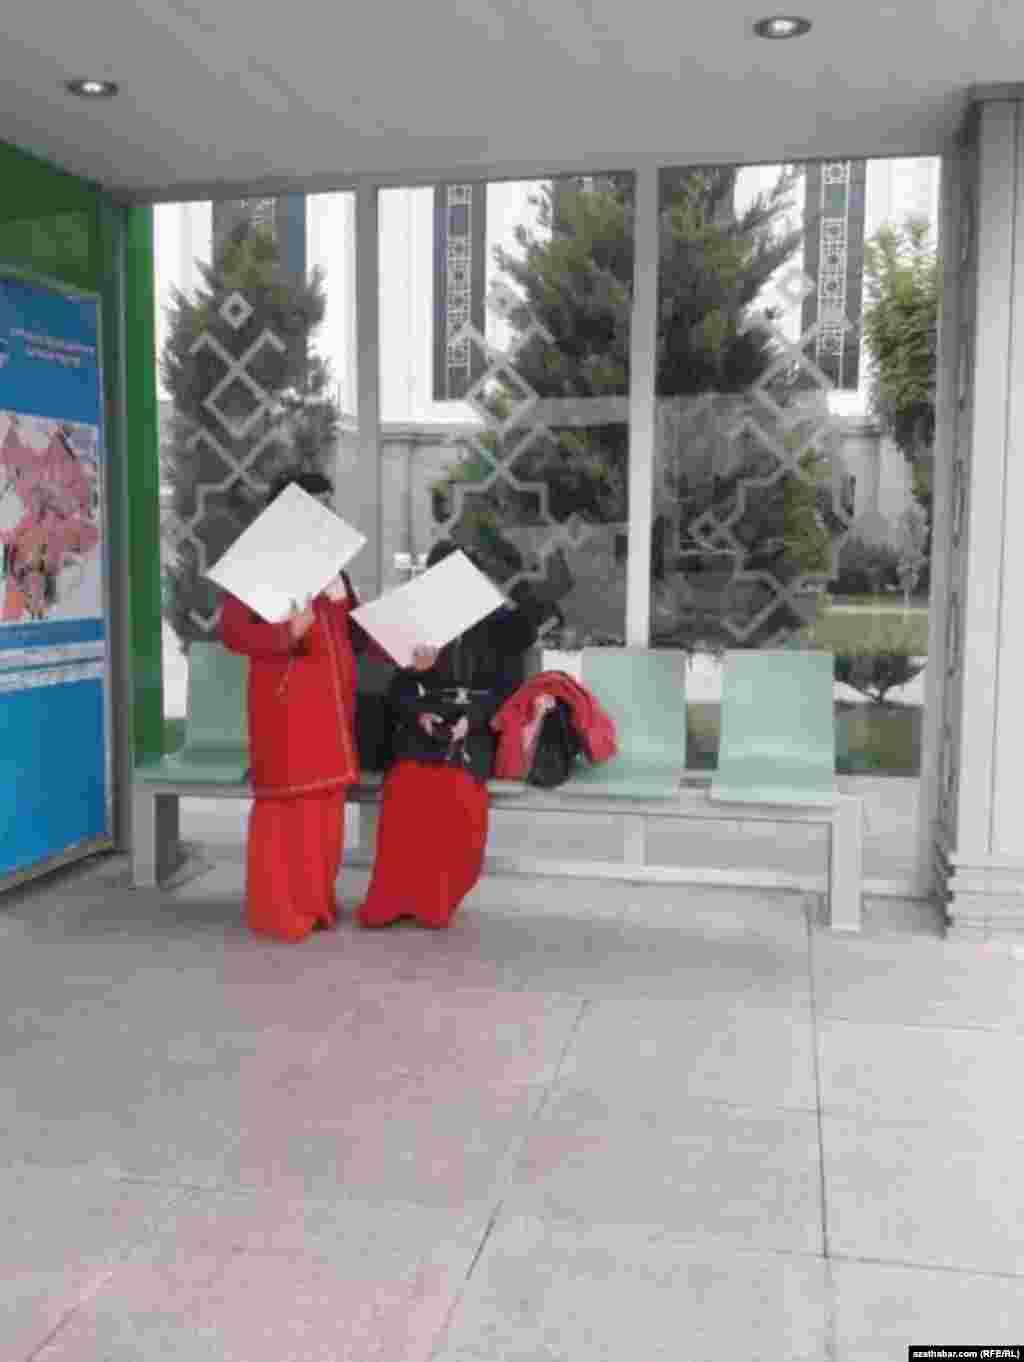 Девушки в традиционных платьях туркменских студенток на автобусной остановке в Ашхабаде